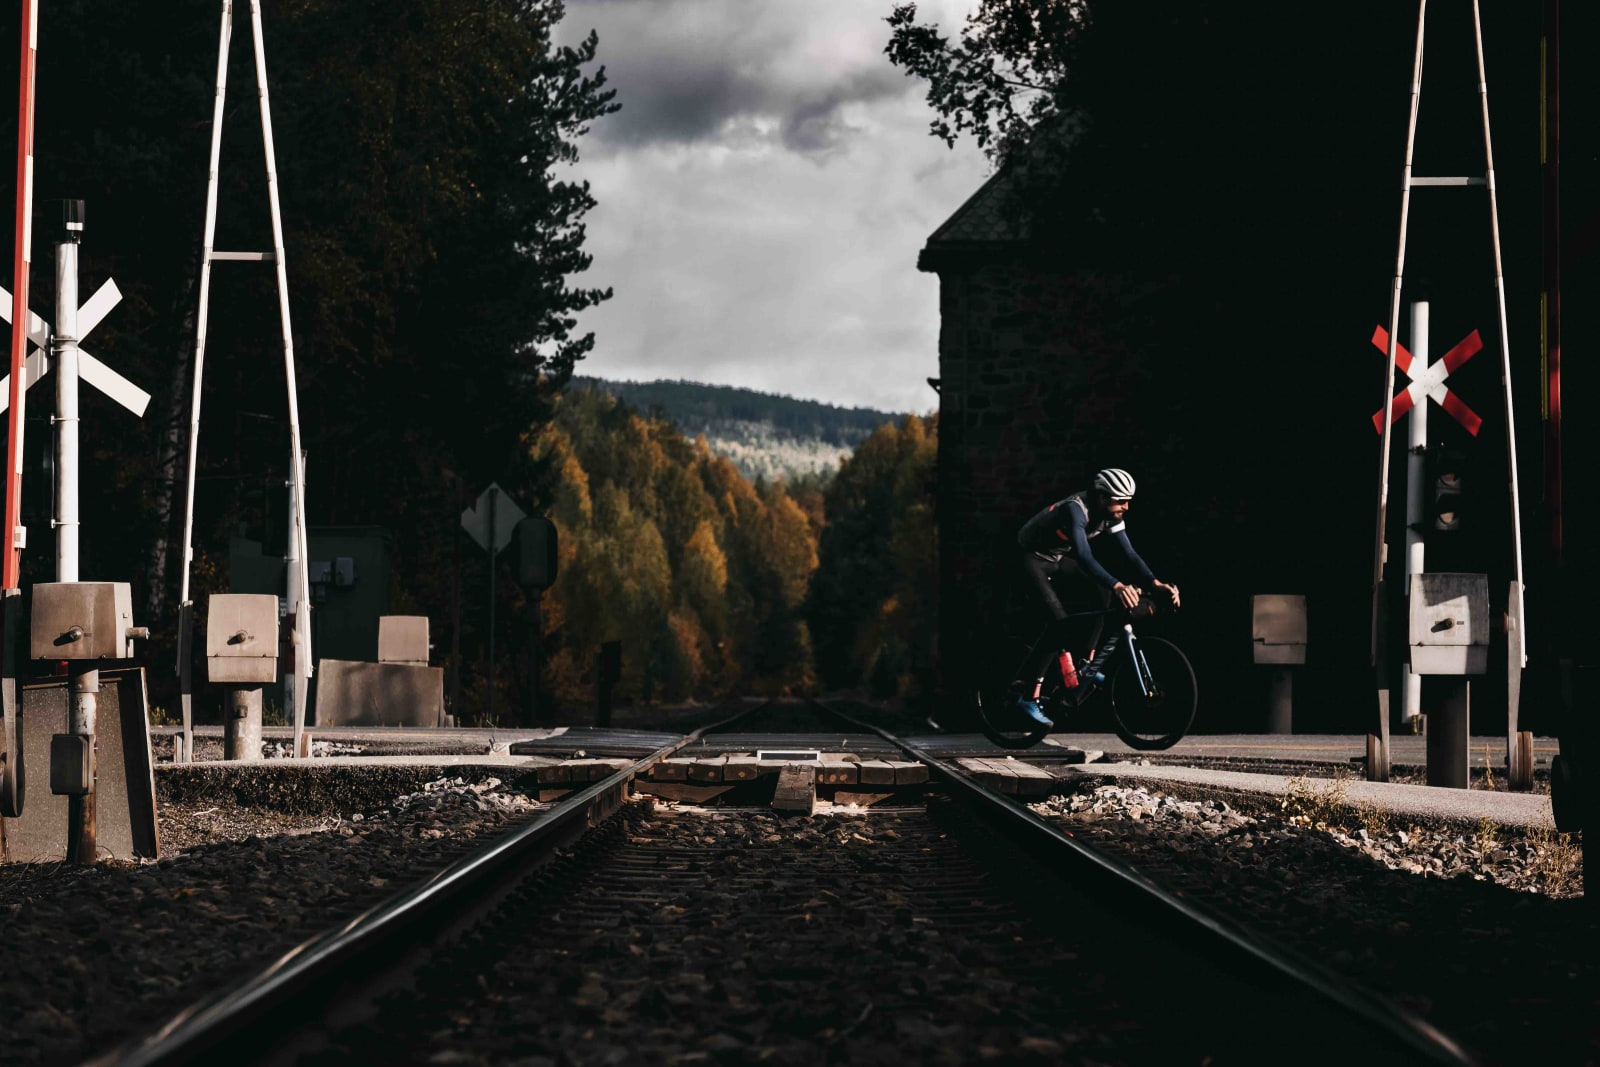 LITE TRAFFIKERT: Planovergangen ved Jømnå, et sted du sannsynligvis sykler om du er innom området. Solørbanen er like rett som veien, men er nedlagt for persontrafikk. Foto: Peter Gløersen.